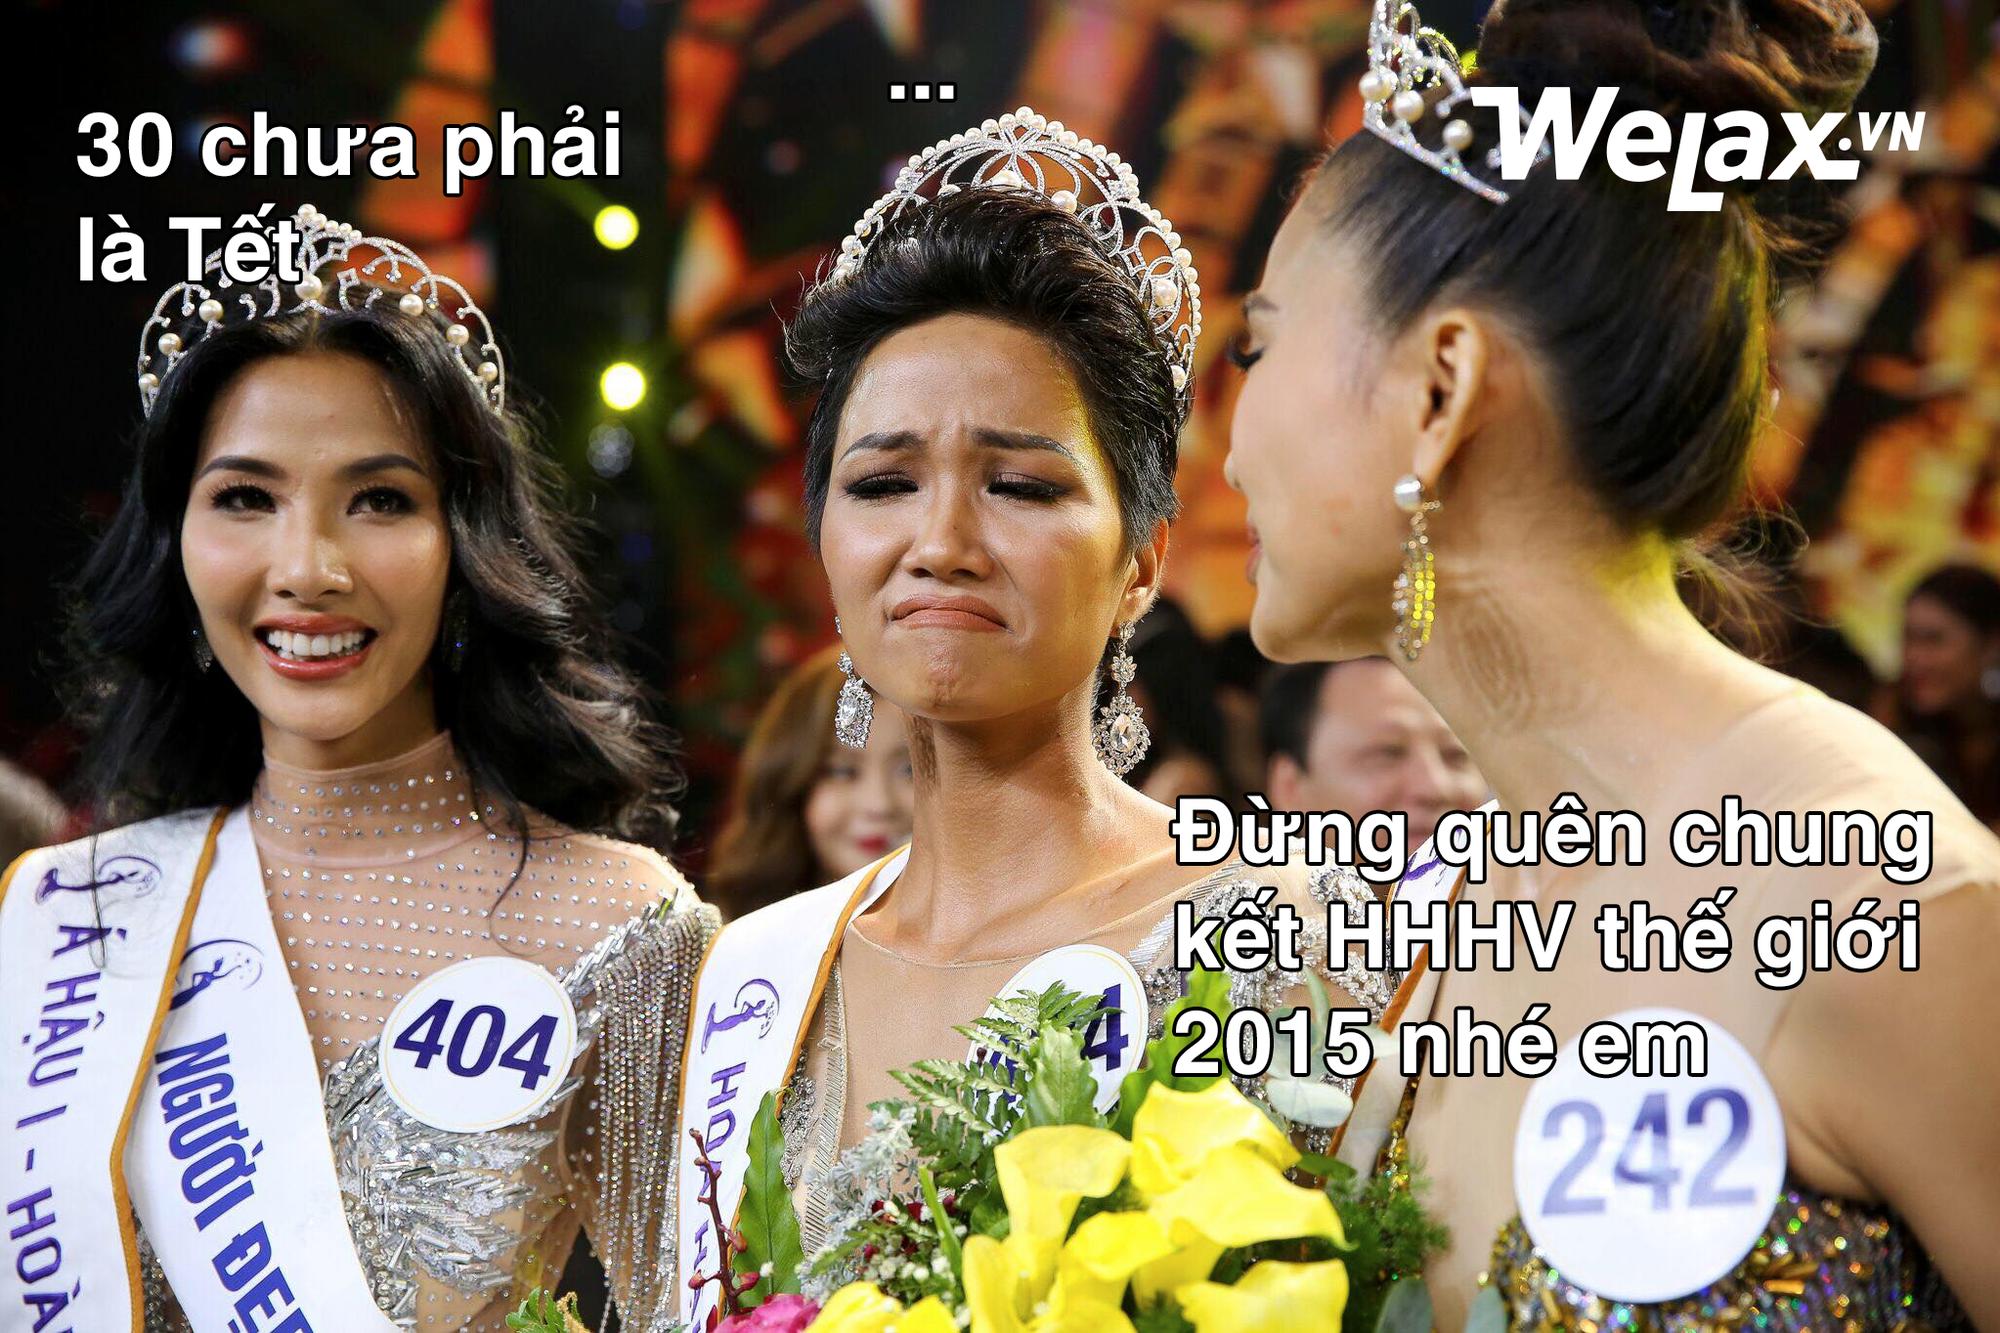 Biểu cảm lúc đăng quang không rõ 'cười hay mếu' của Tân hoa hậu Hoàn vũ H'Hen Niê lại thành nguồn chế ảnh bất tận! 11